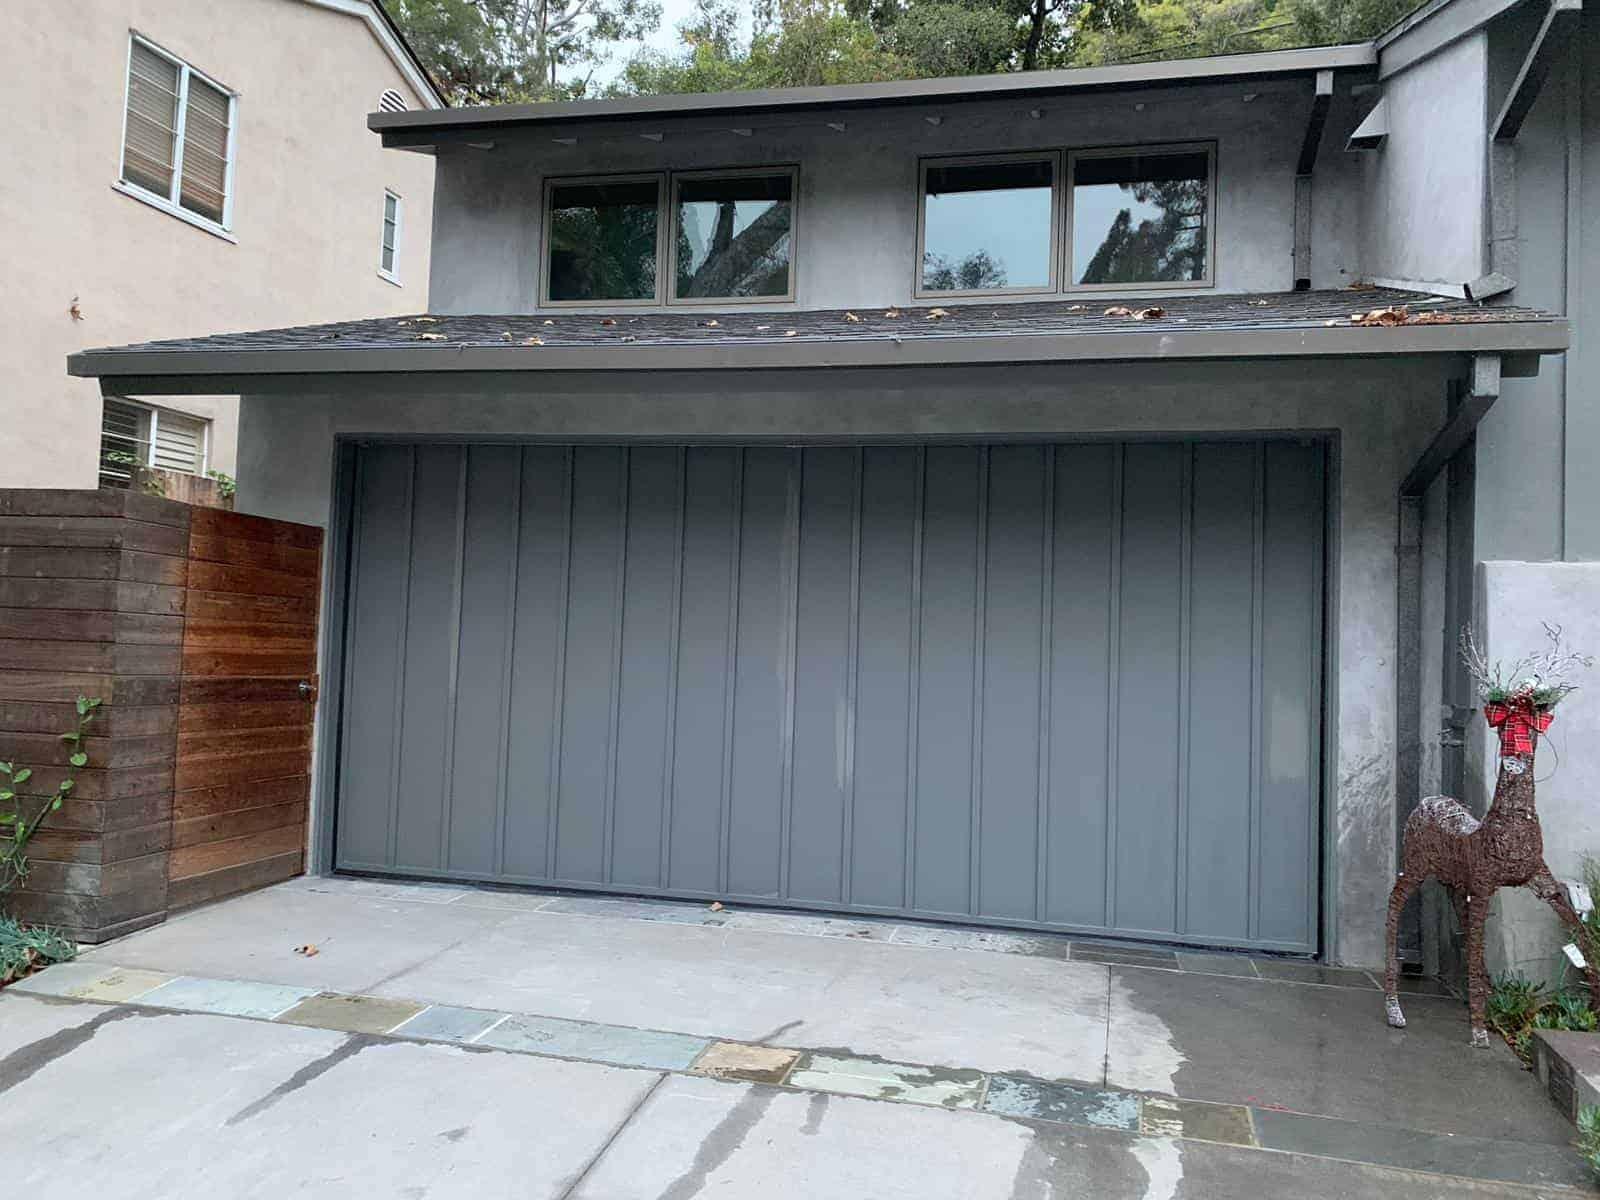 Carmichael CA Garage Door Repair & Replacement